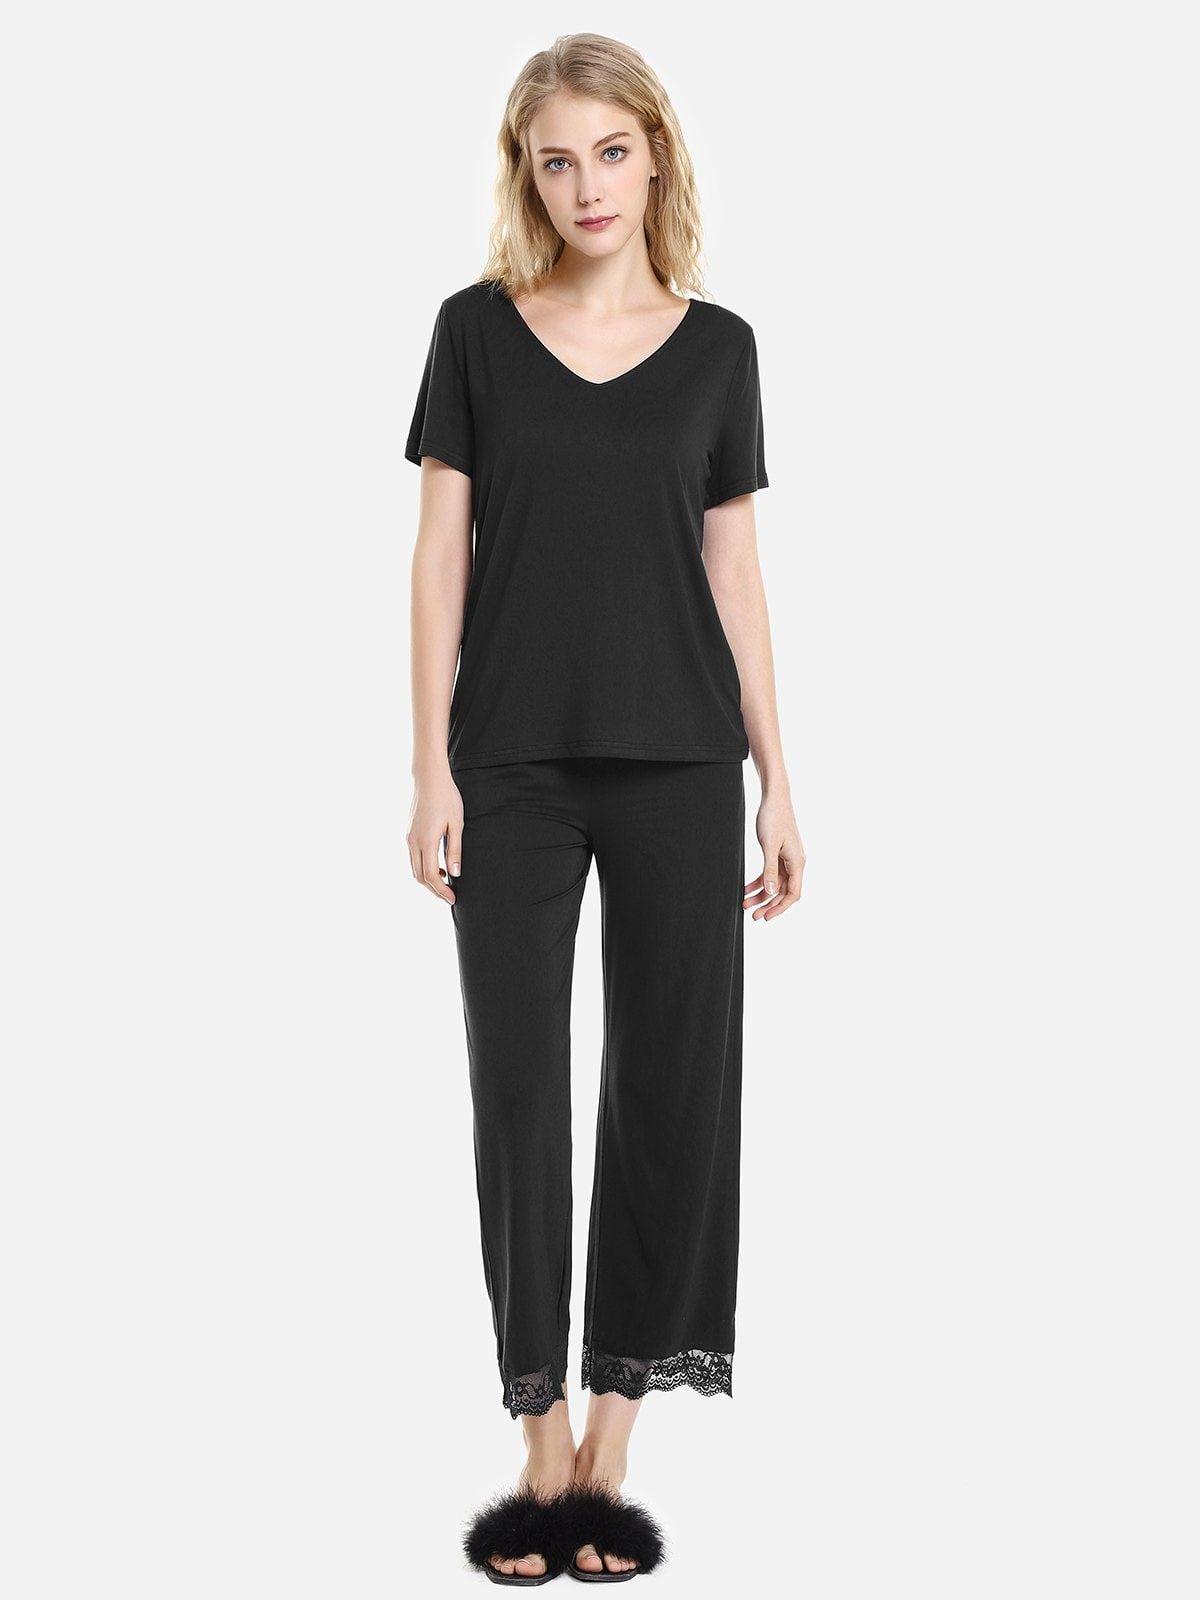 Iumer Transparent Lingerie Womens Sexy Sheer Sleepshirt